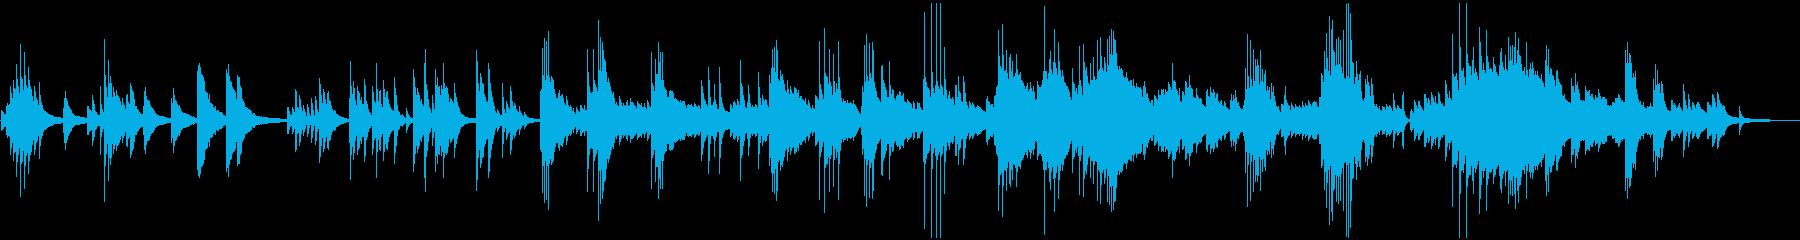 ドラマチックな展開のピアノバラードの再生済みの波形